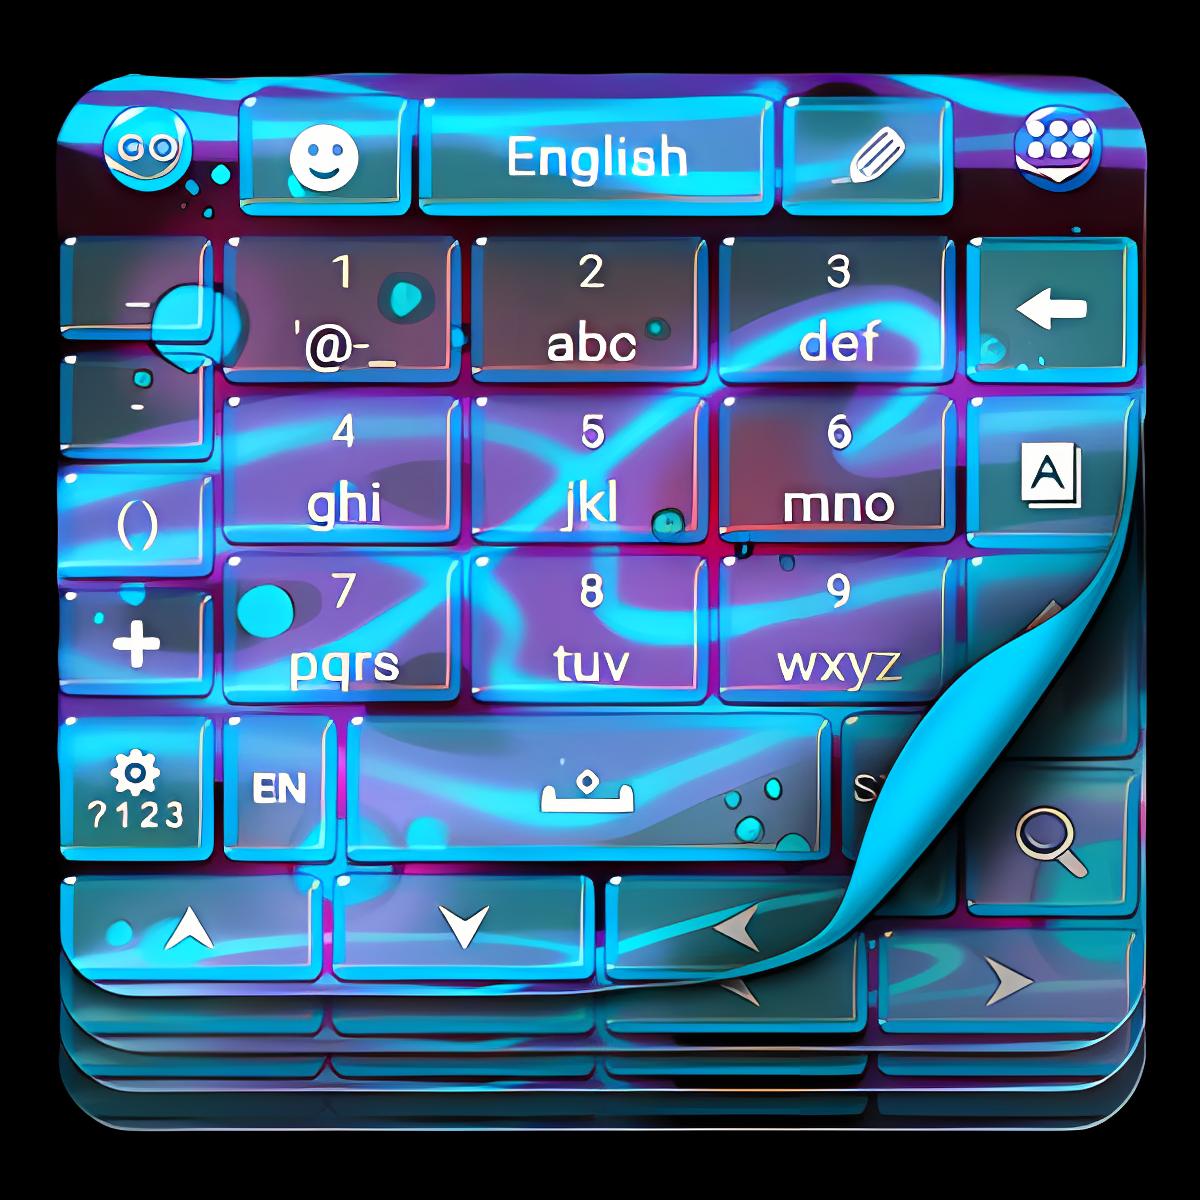 GO original teclado